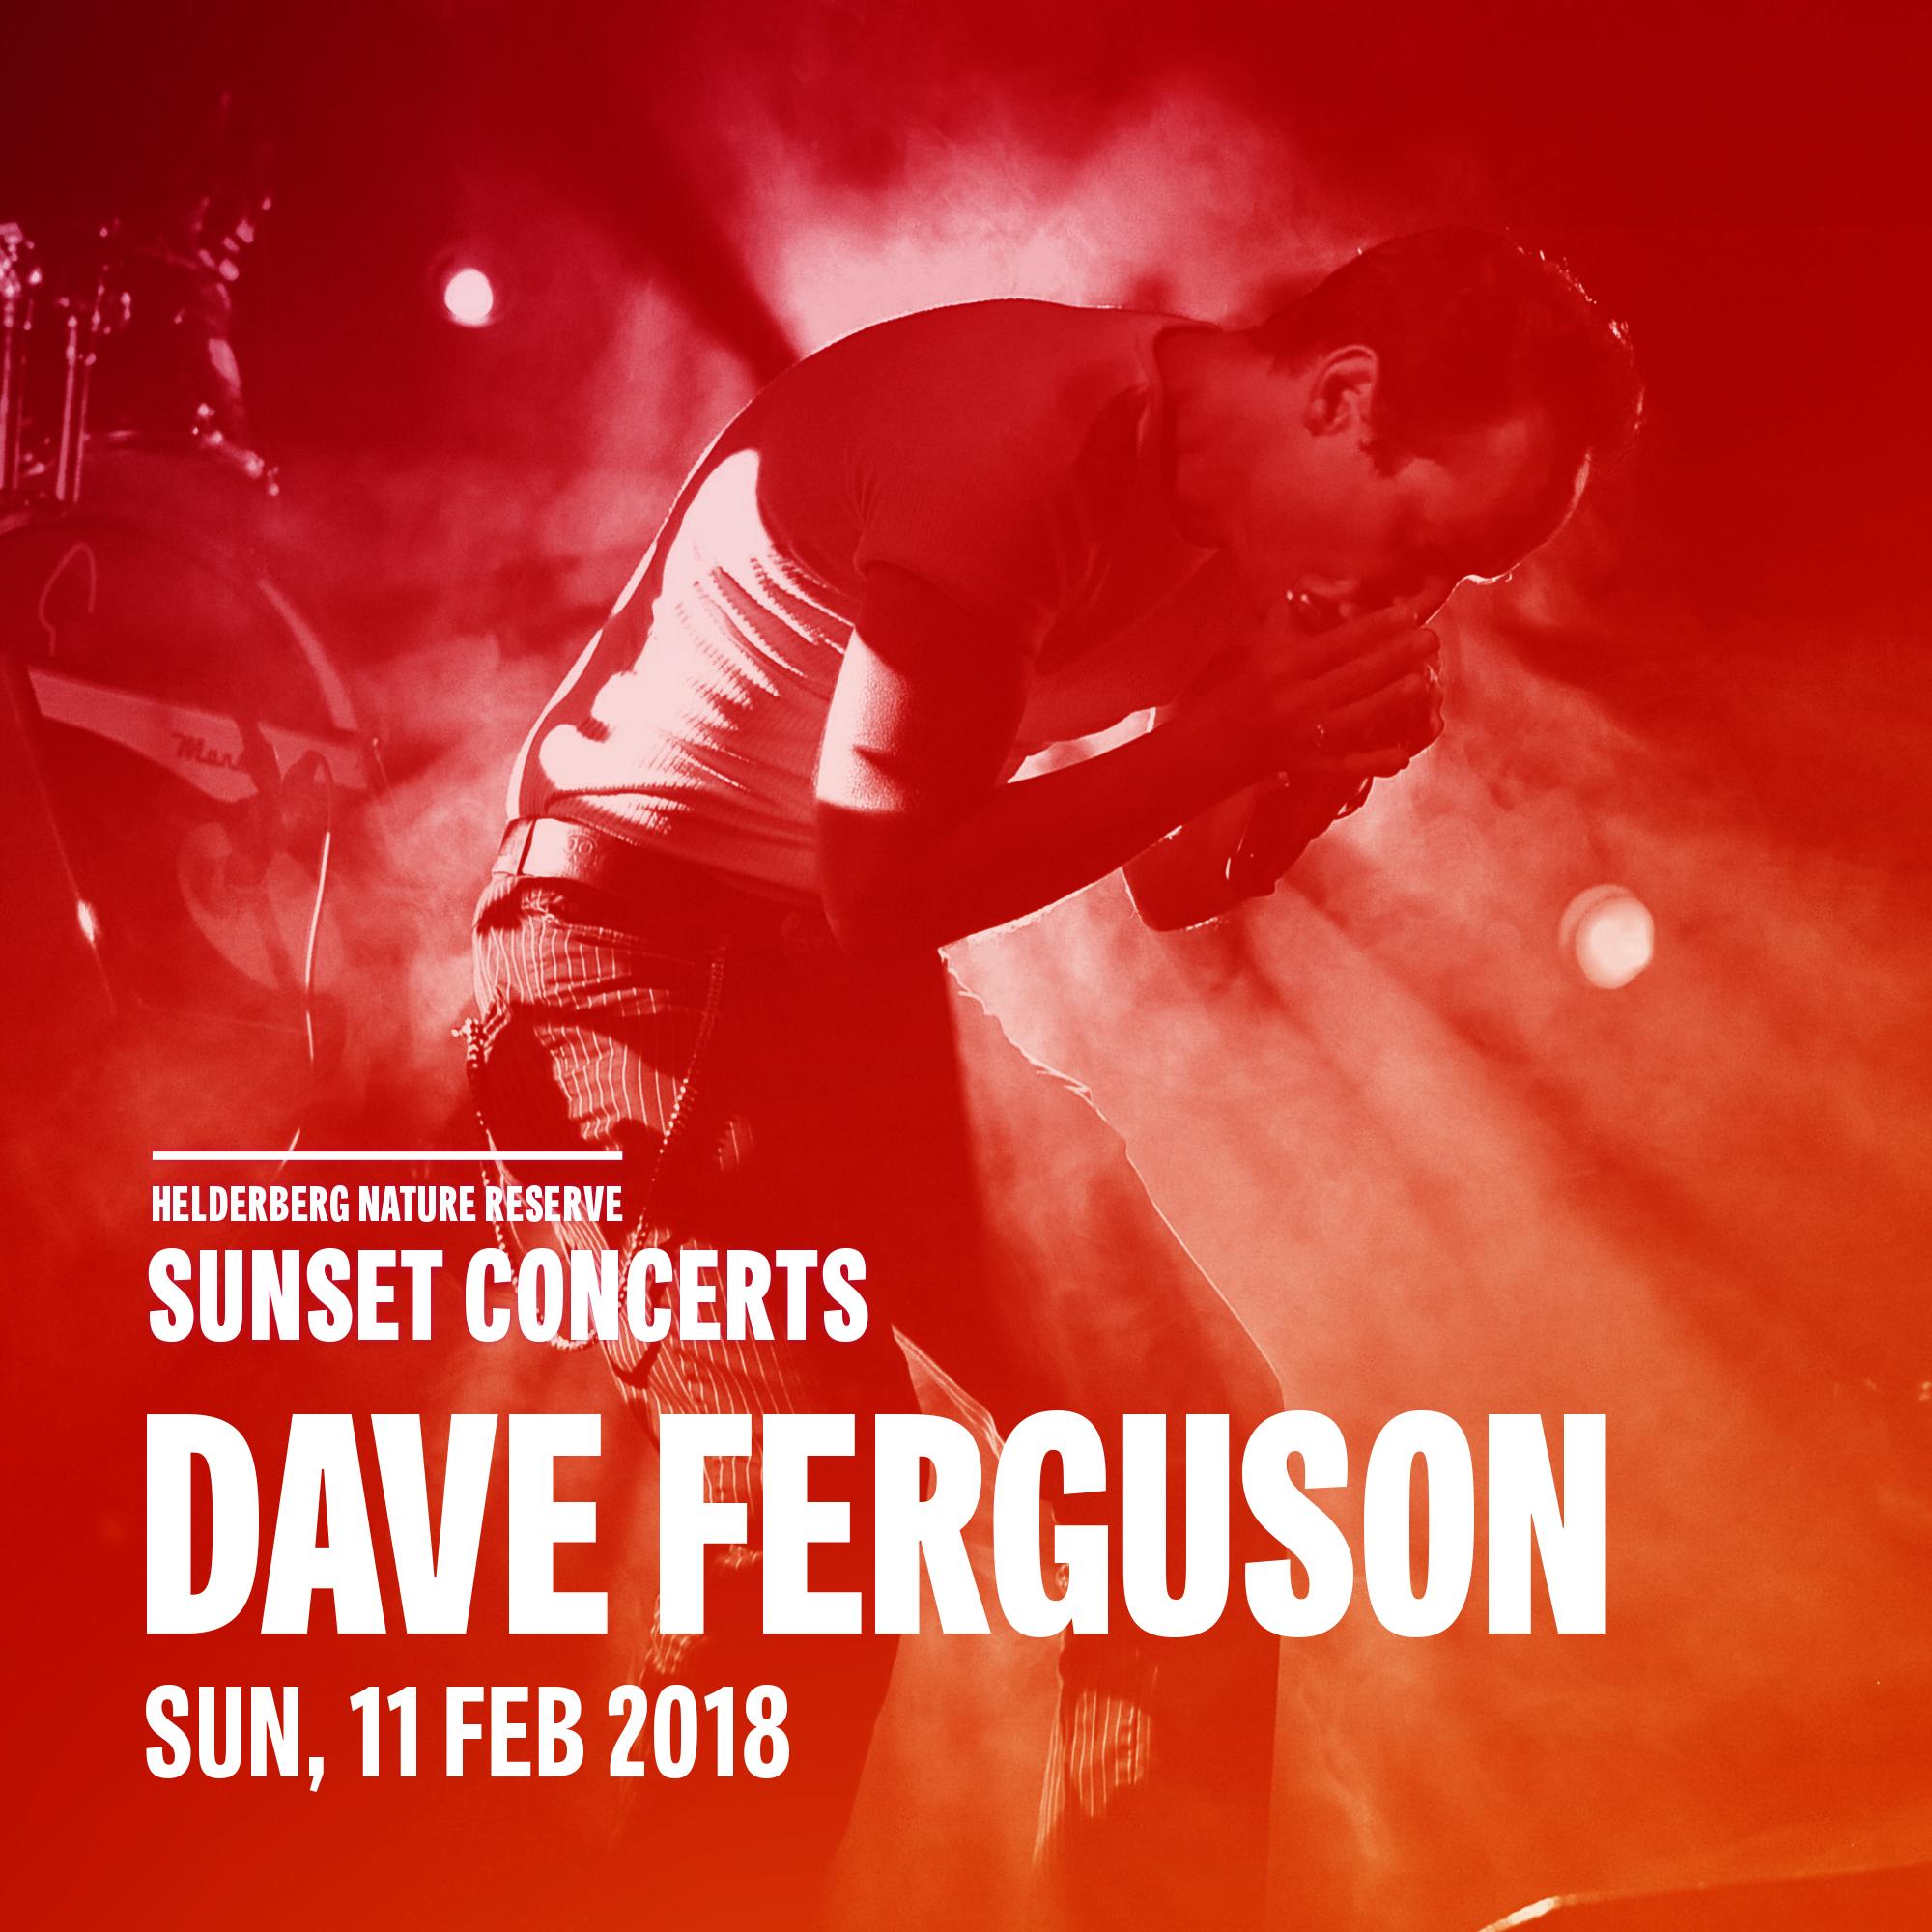 Sunset-Post-Dave-Ferguson.jpg